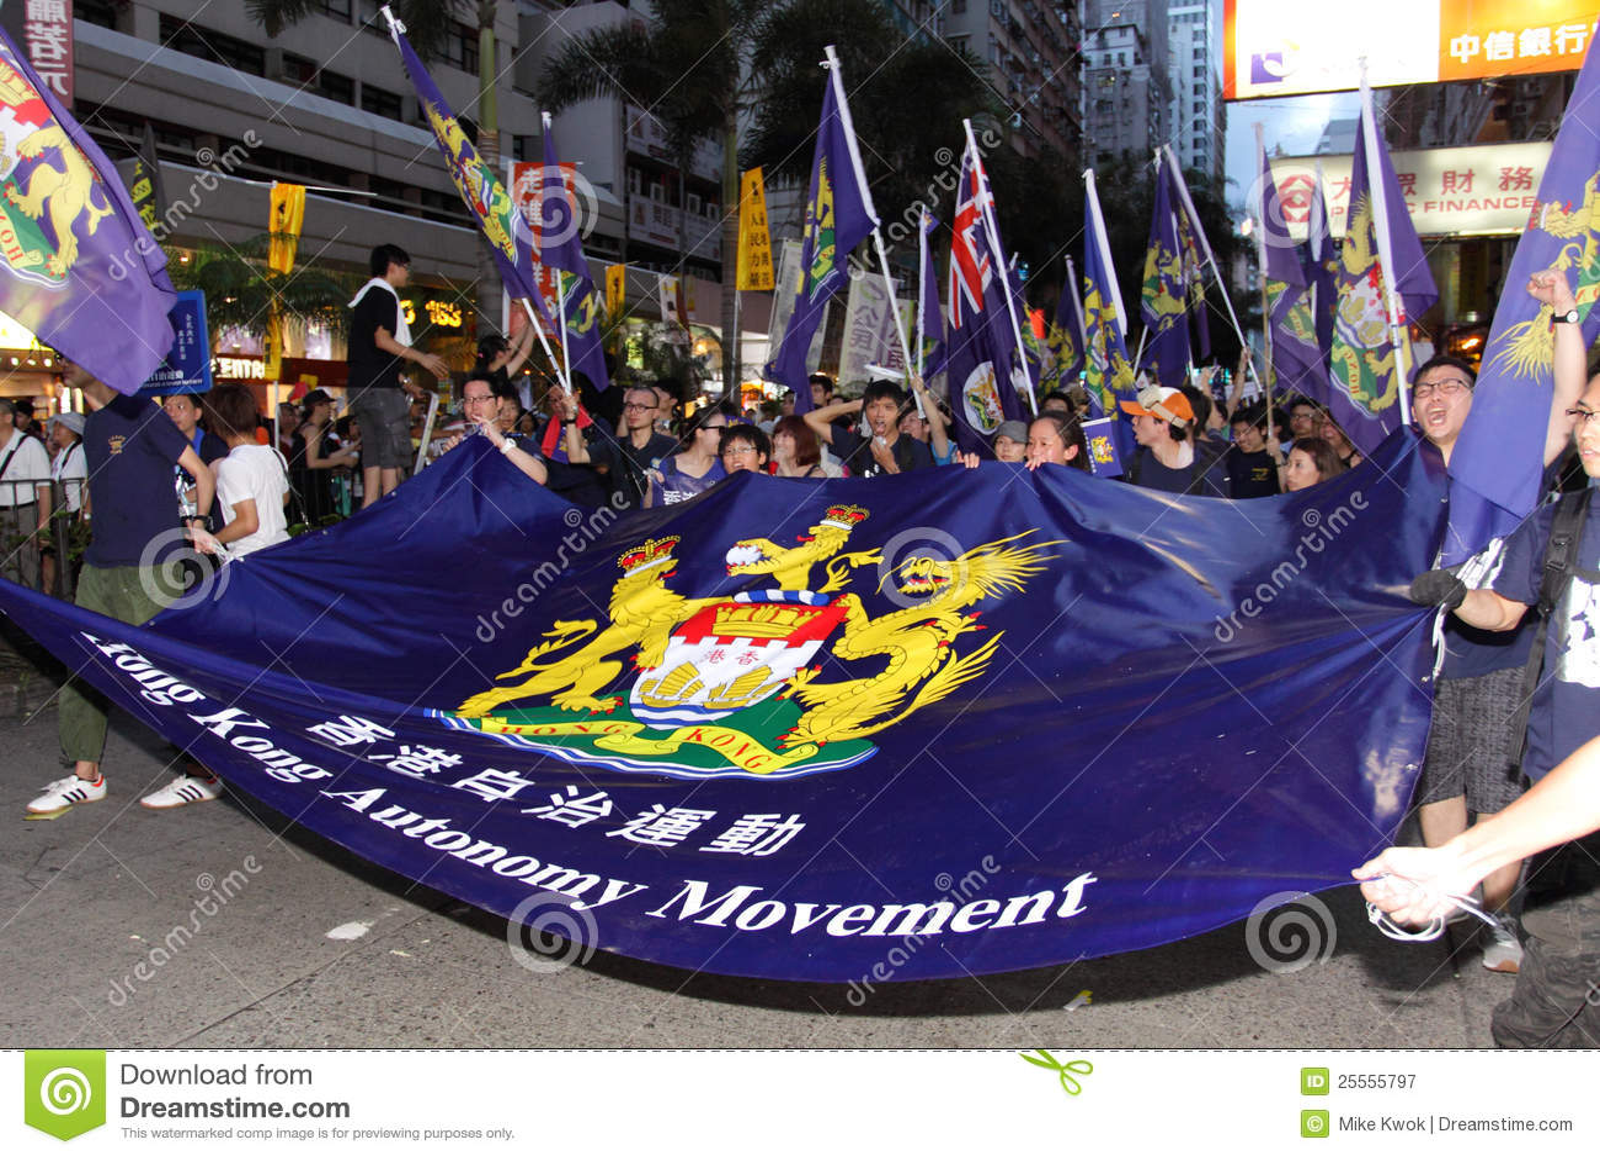 Hong Kong 1 July Marches 2012 ...